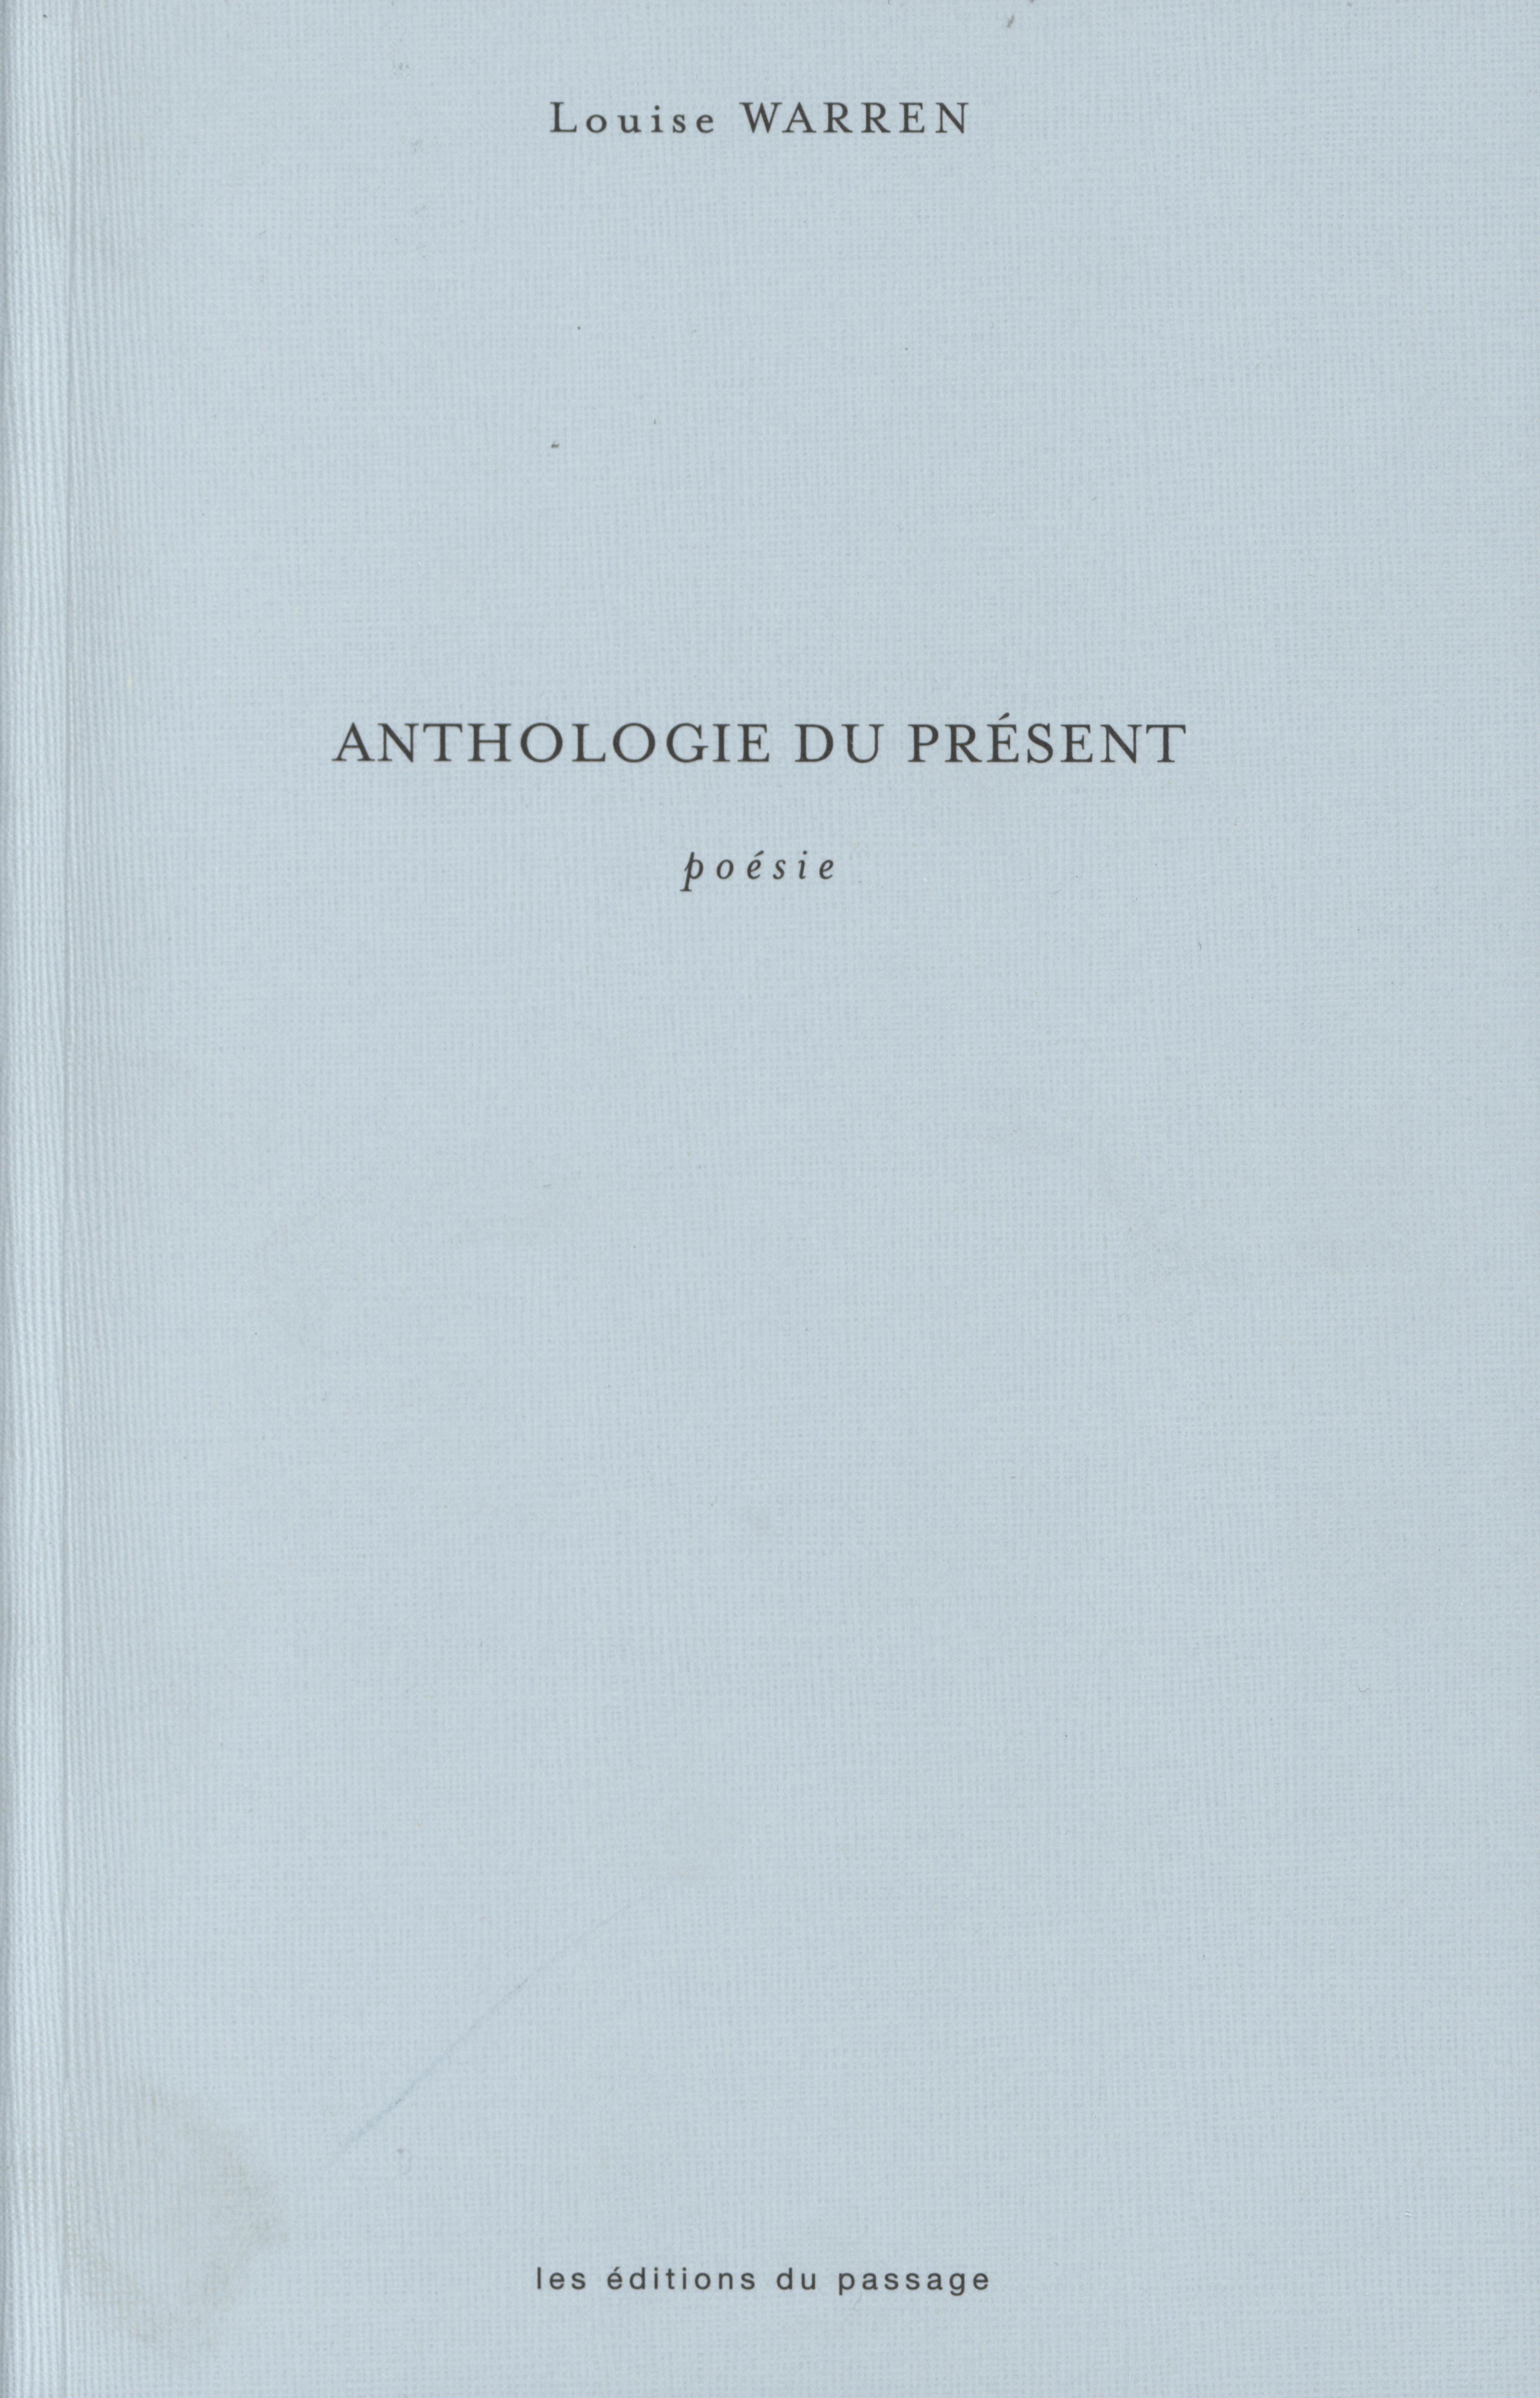 Anthologie du présent